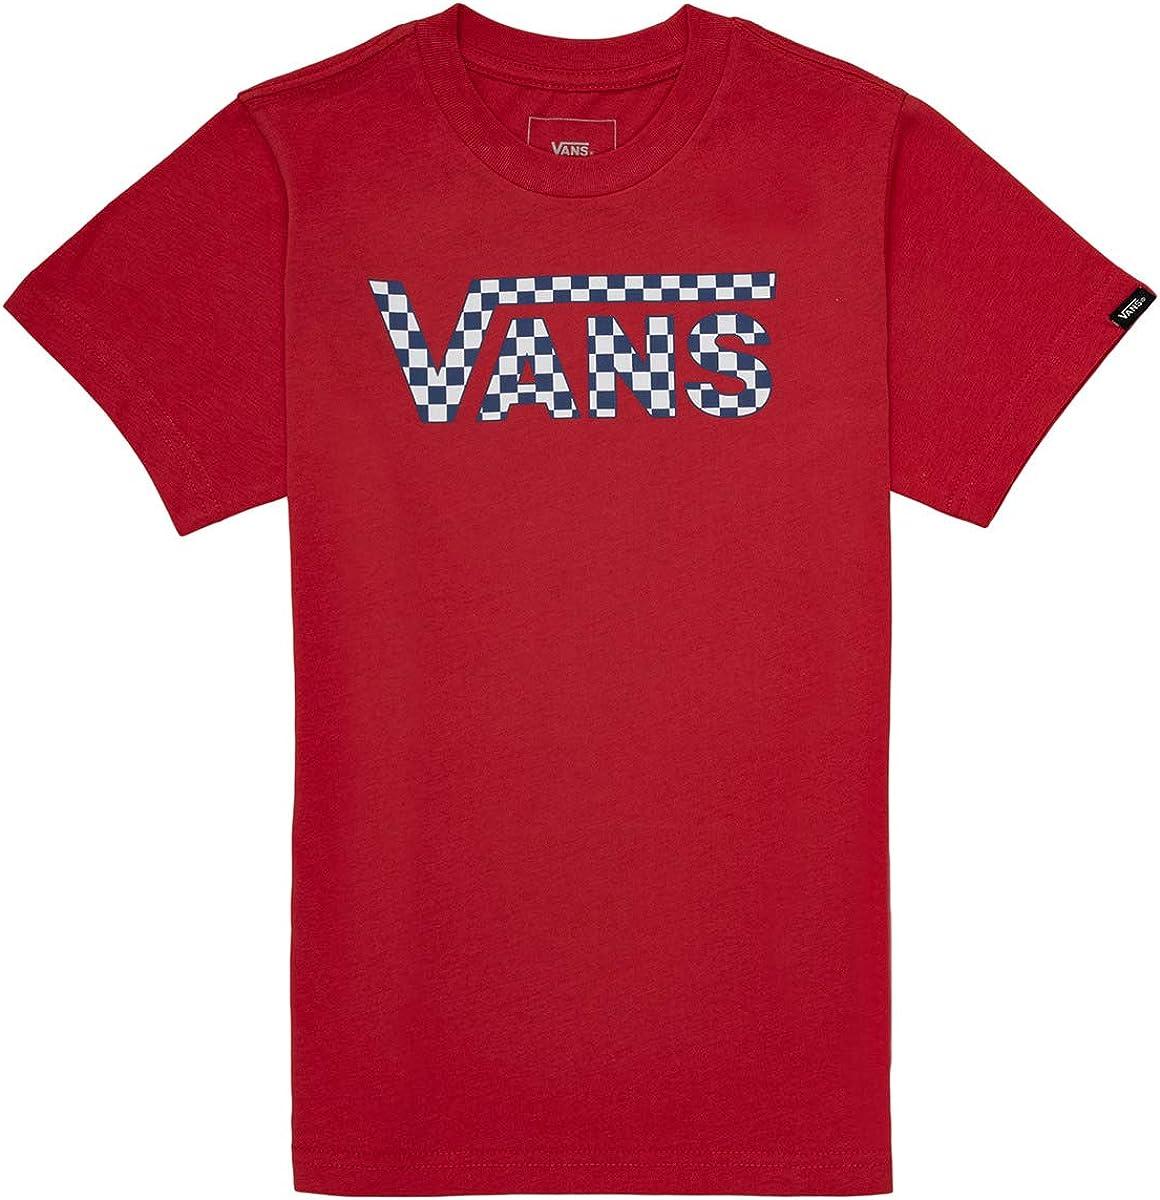 Camiseta Vans Fill Rojo para Niño: Amazon.es: Ropa y accesorios